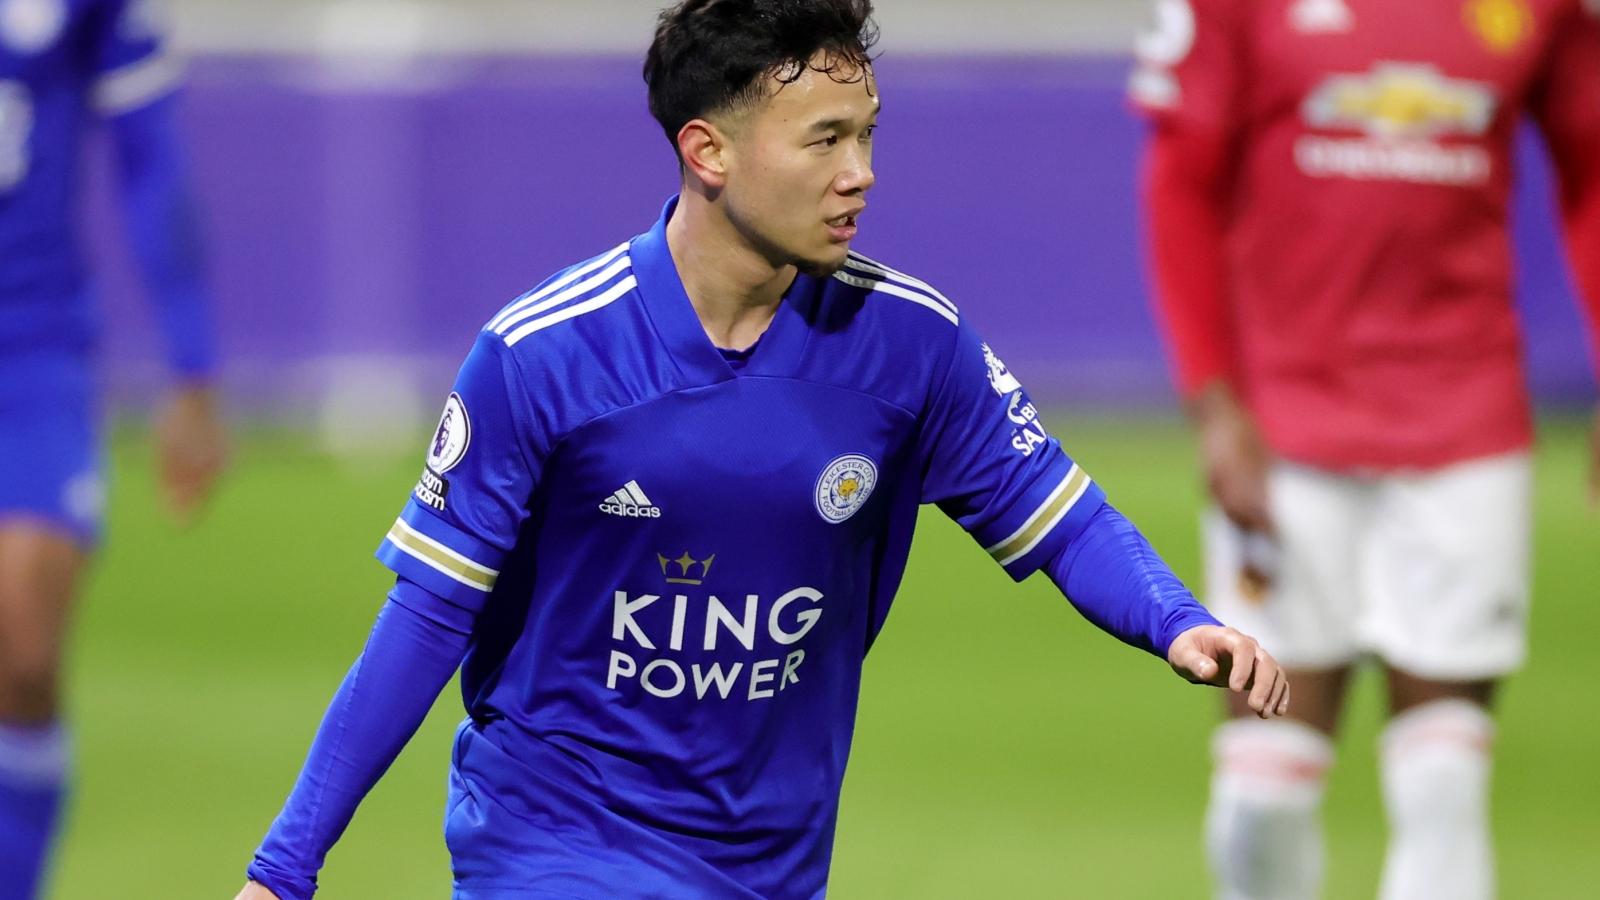 Cầu thủ gốc Thái Lan lần đầu tiên xuất hiện ở Ngoại hạng Anh